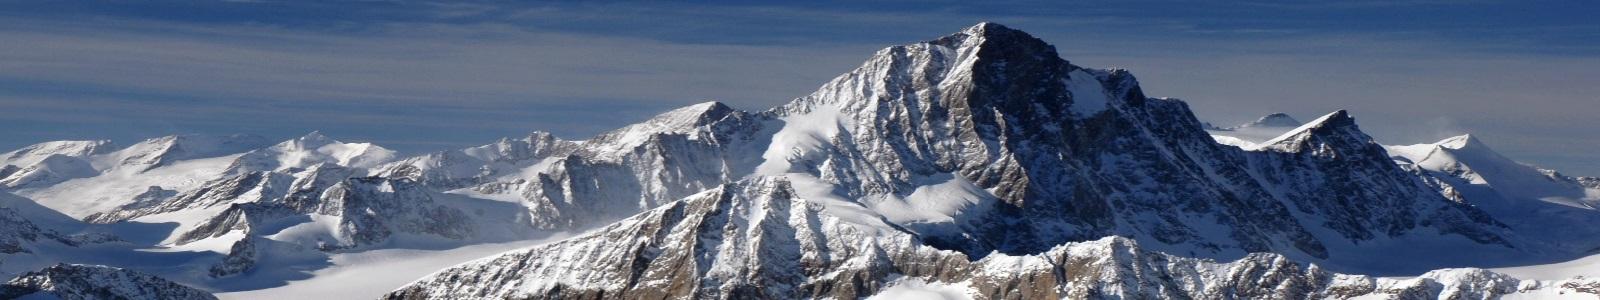 Alps List